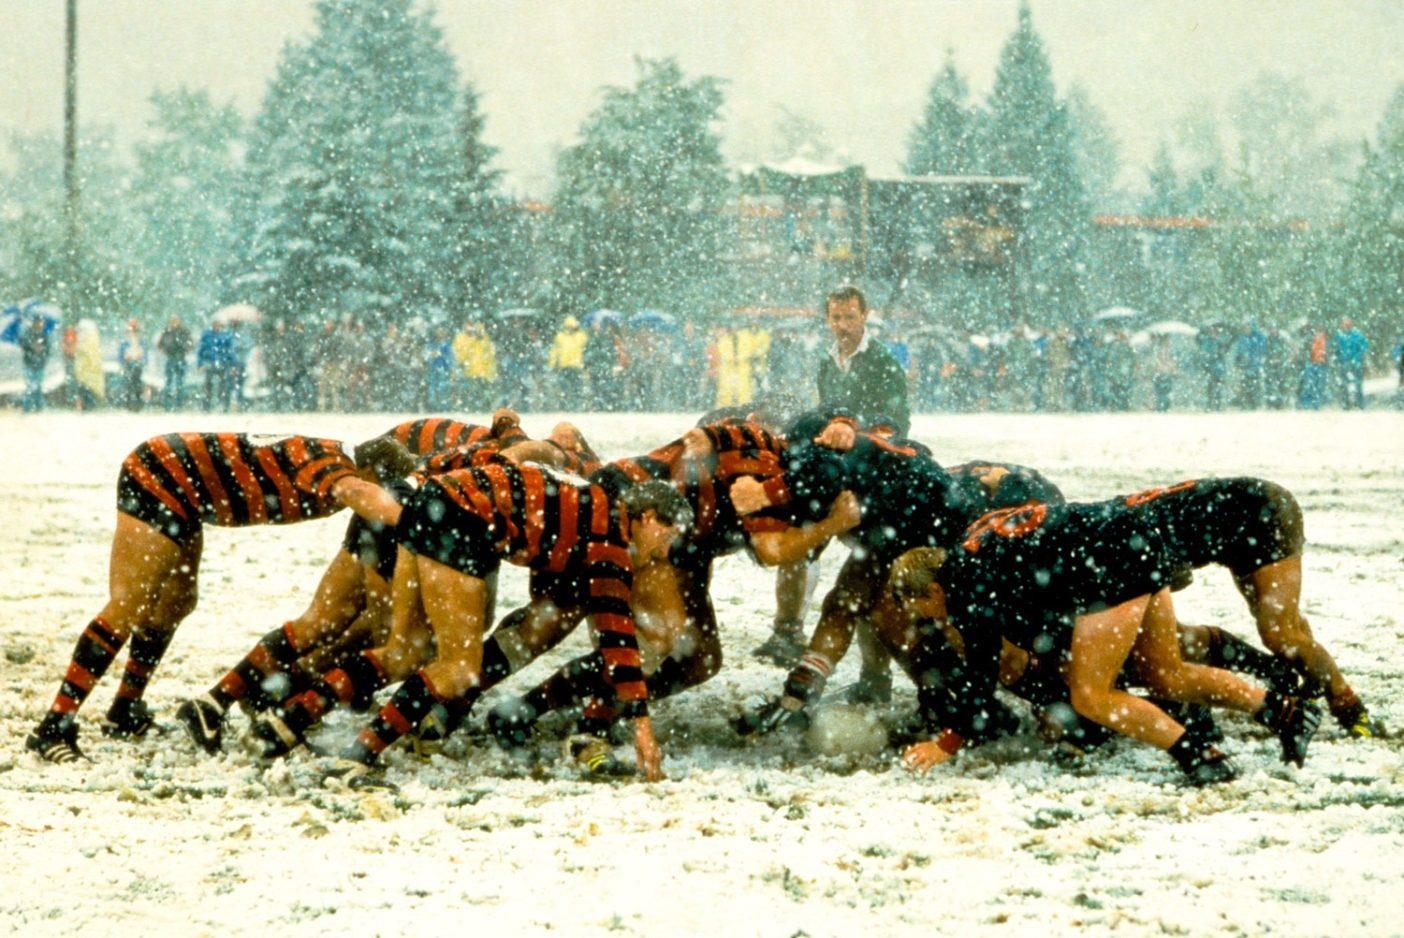 1970年のスコットランドへの冬のクライミング旅行で、ロッククライミングに適していると考えたパタゴニアの創業者イヴォン・シュイナードは、正規のラグビー・シャツを購入した。Photo: John Russell